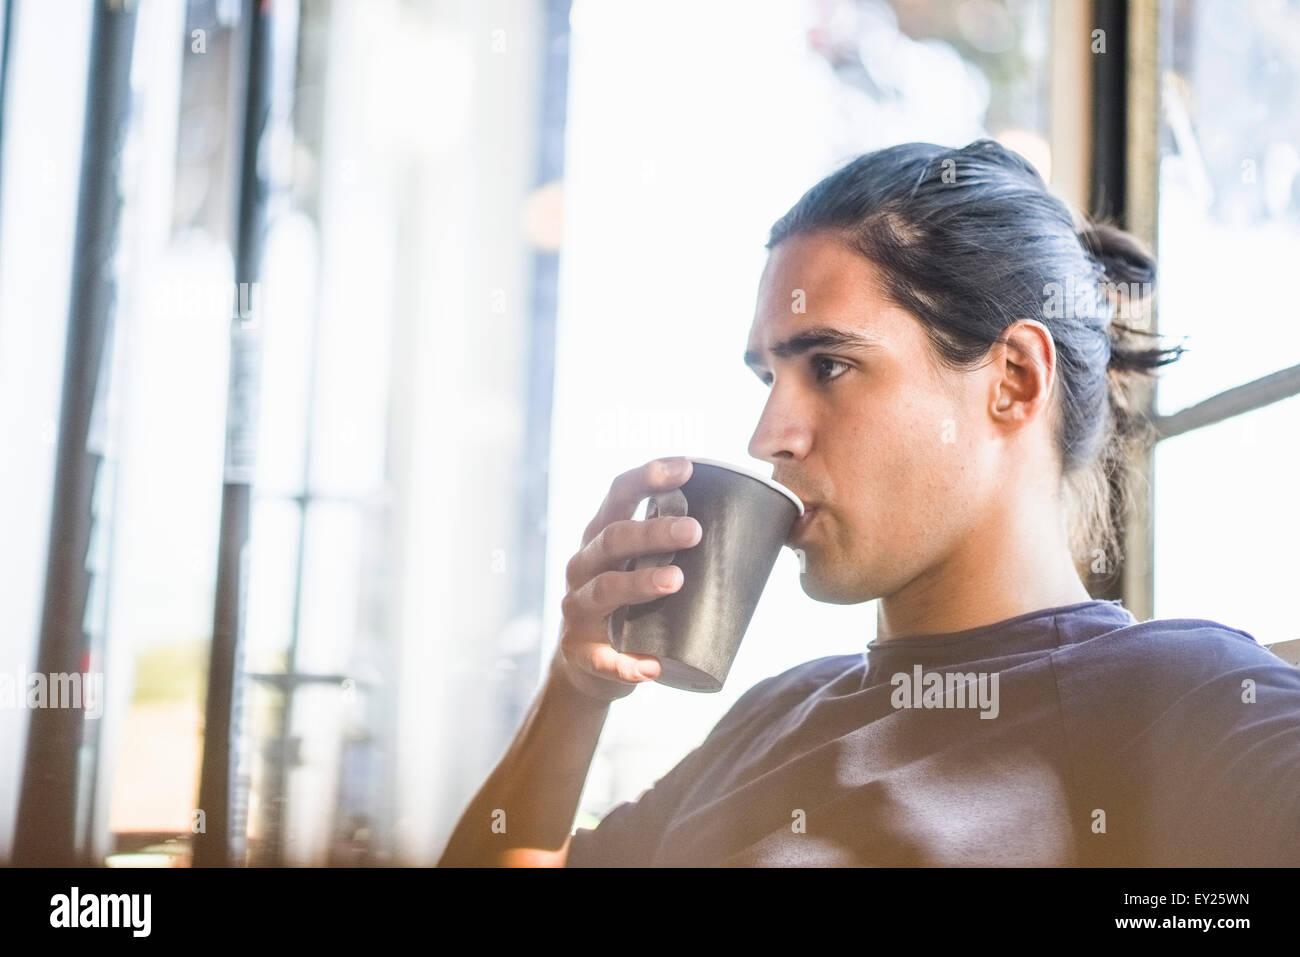 Joven bebiendo café, interiores Imagen De Stock